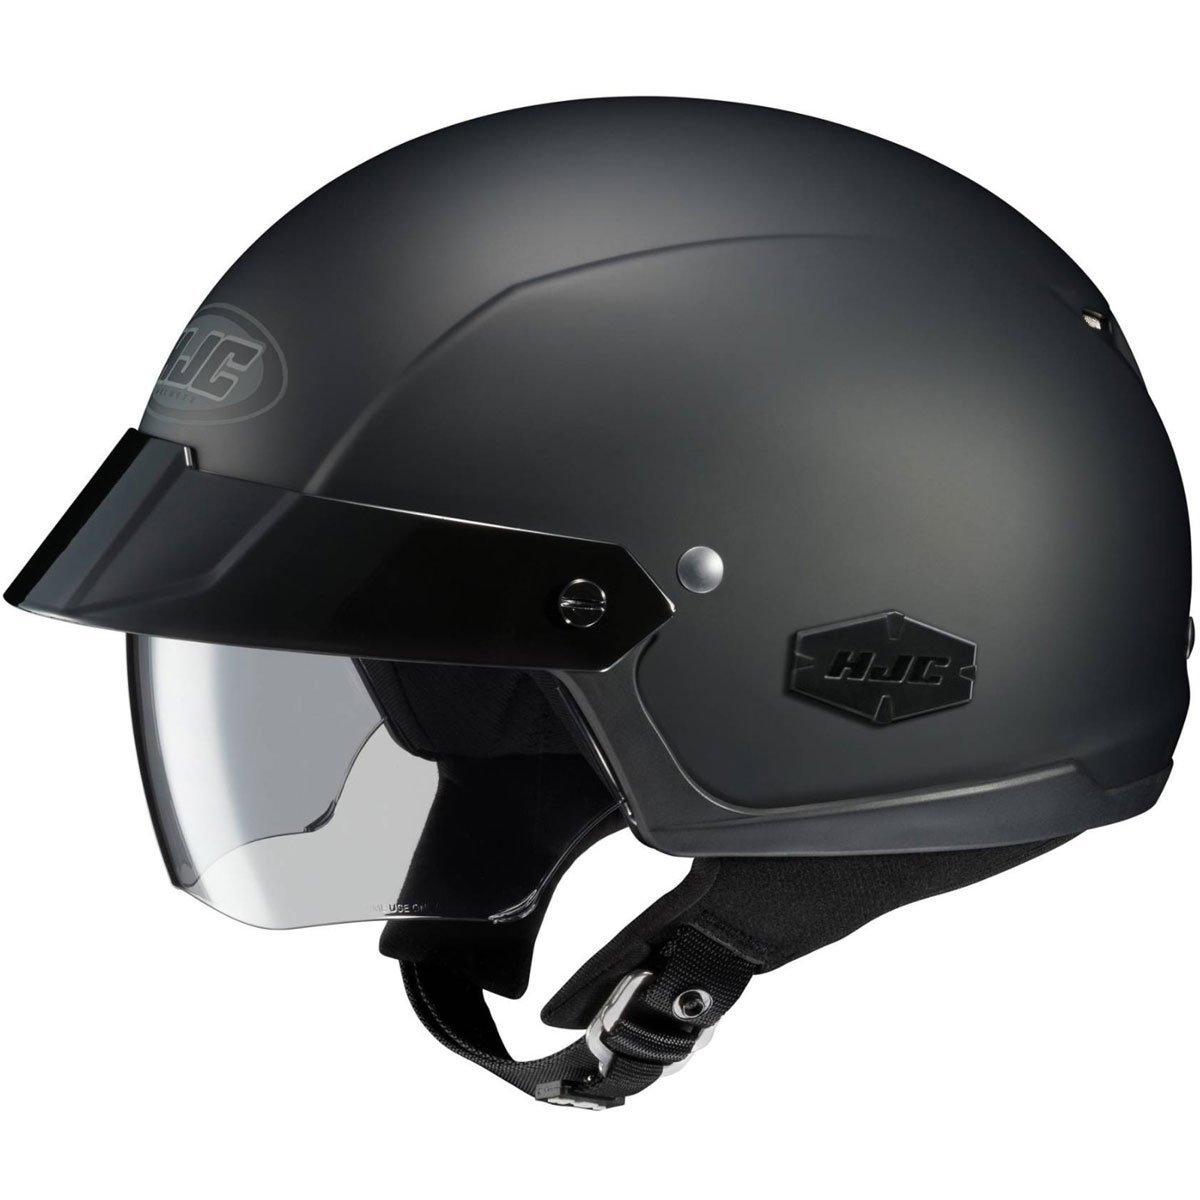 HJC Solid IS-Cruiser Half (1/2) Shell Motorcycle Helmet - Matte Black/Medium